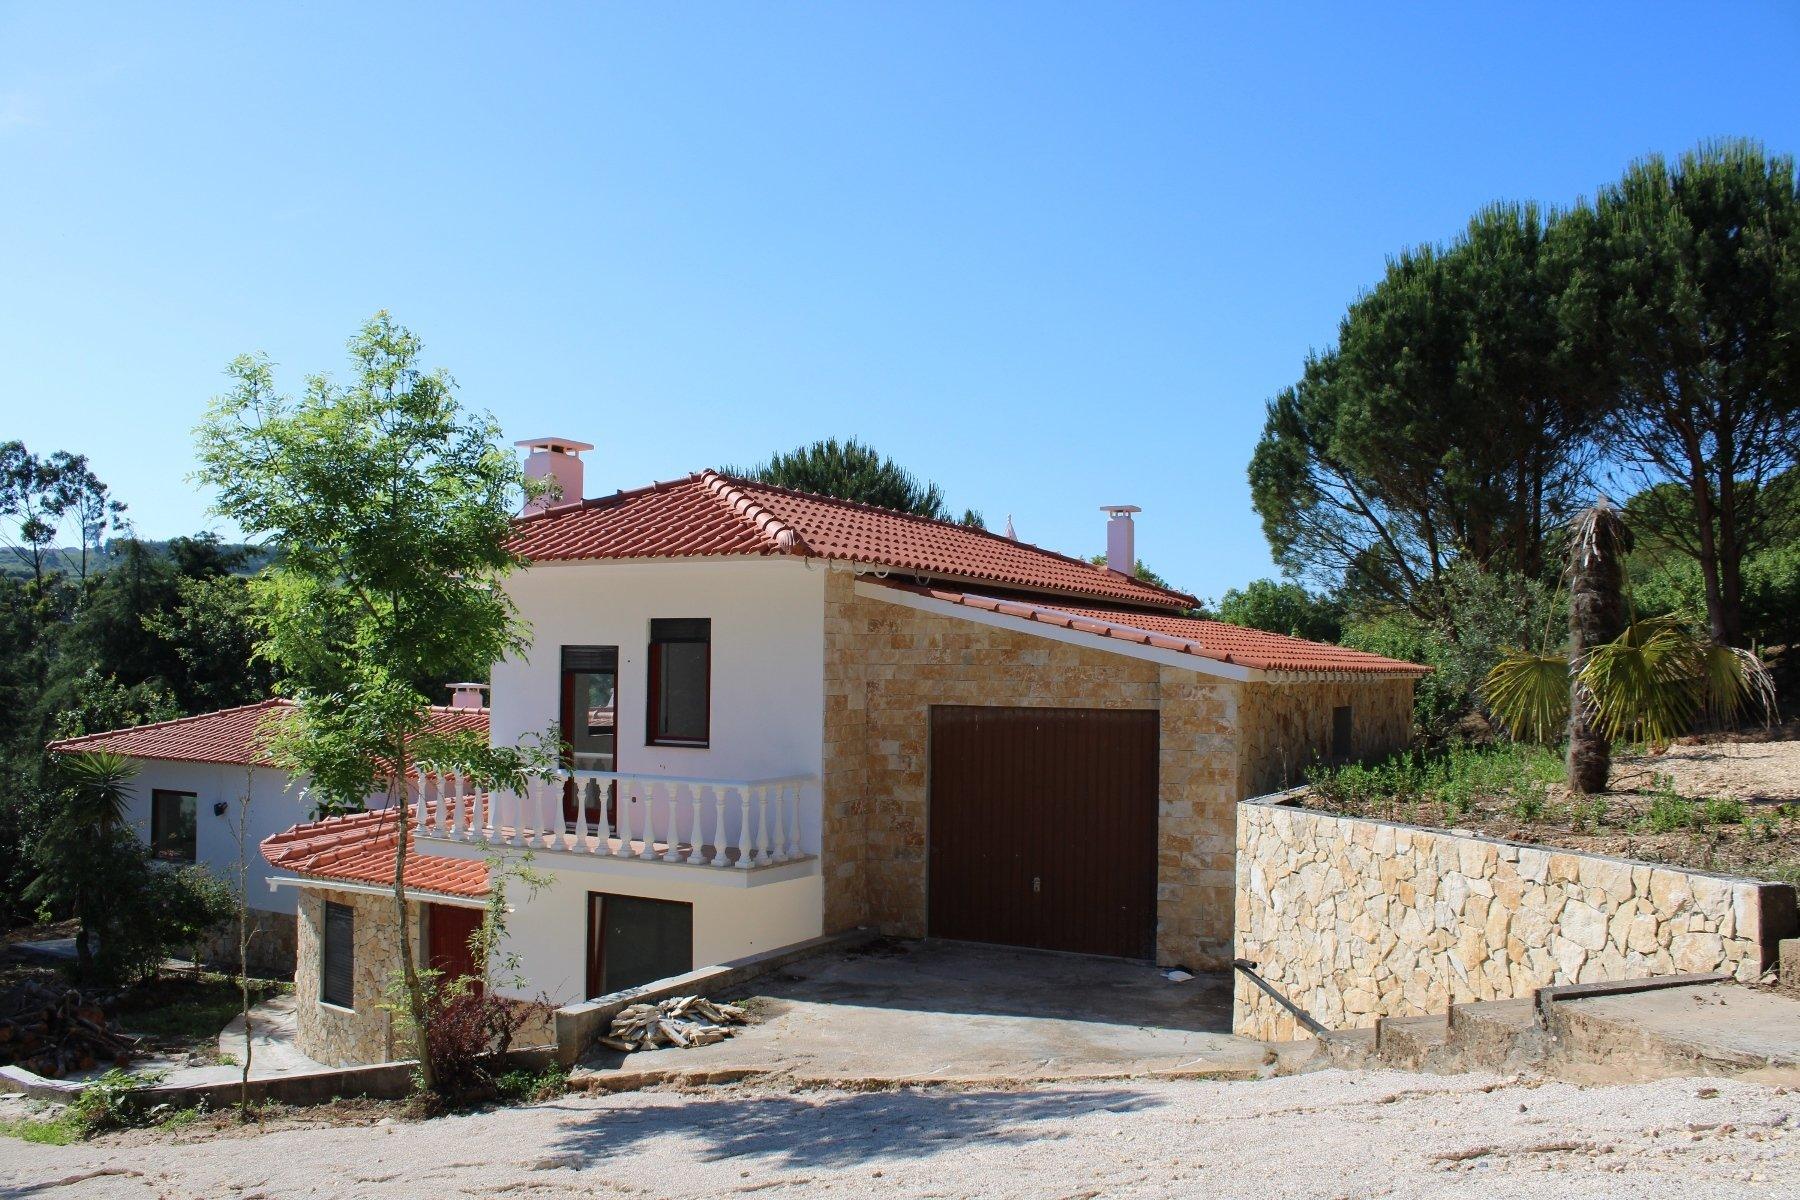 2 Bedroom Villa Caldas da Rainha, Silver Coast Ref: AV2107